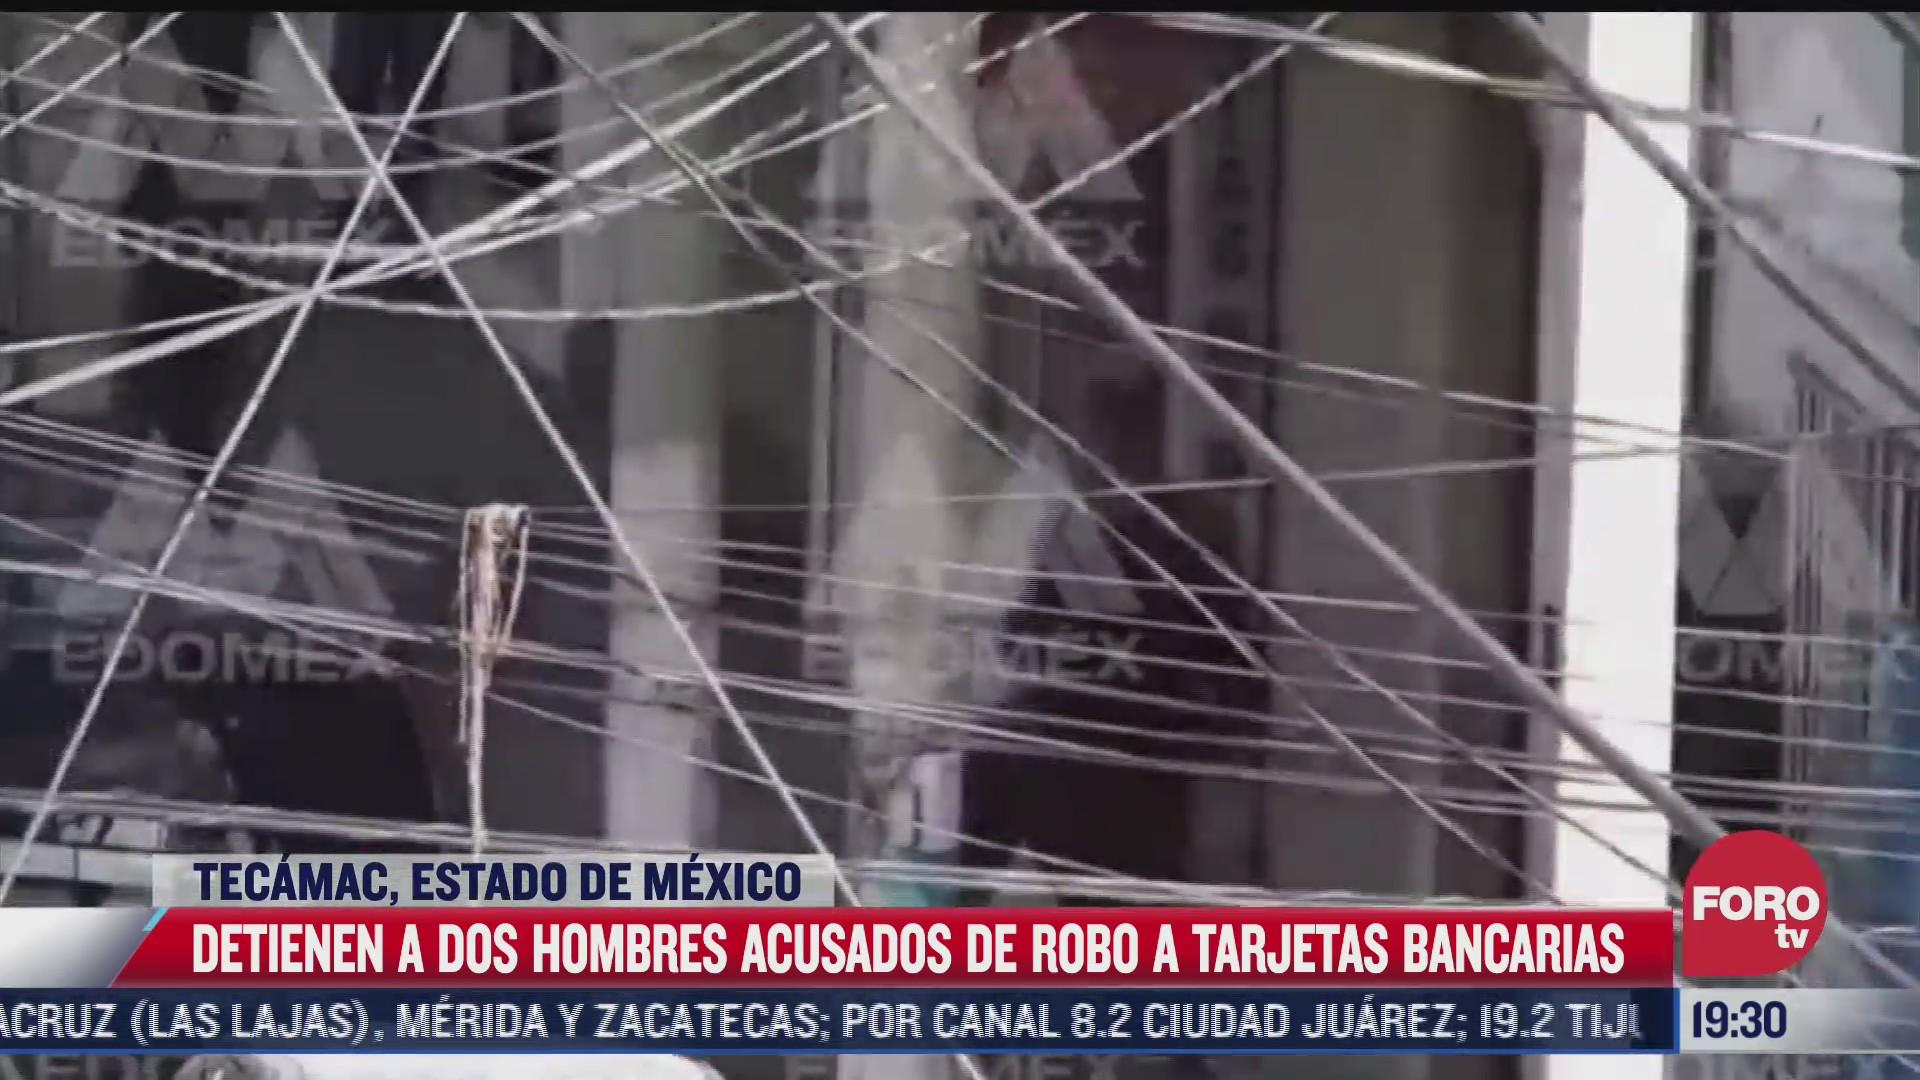 detienen a dos hombres por robo de tarjetas bancarias en tecamac